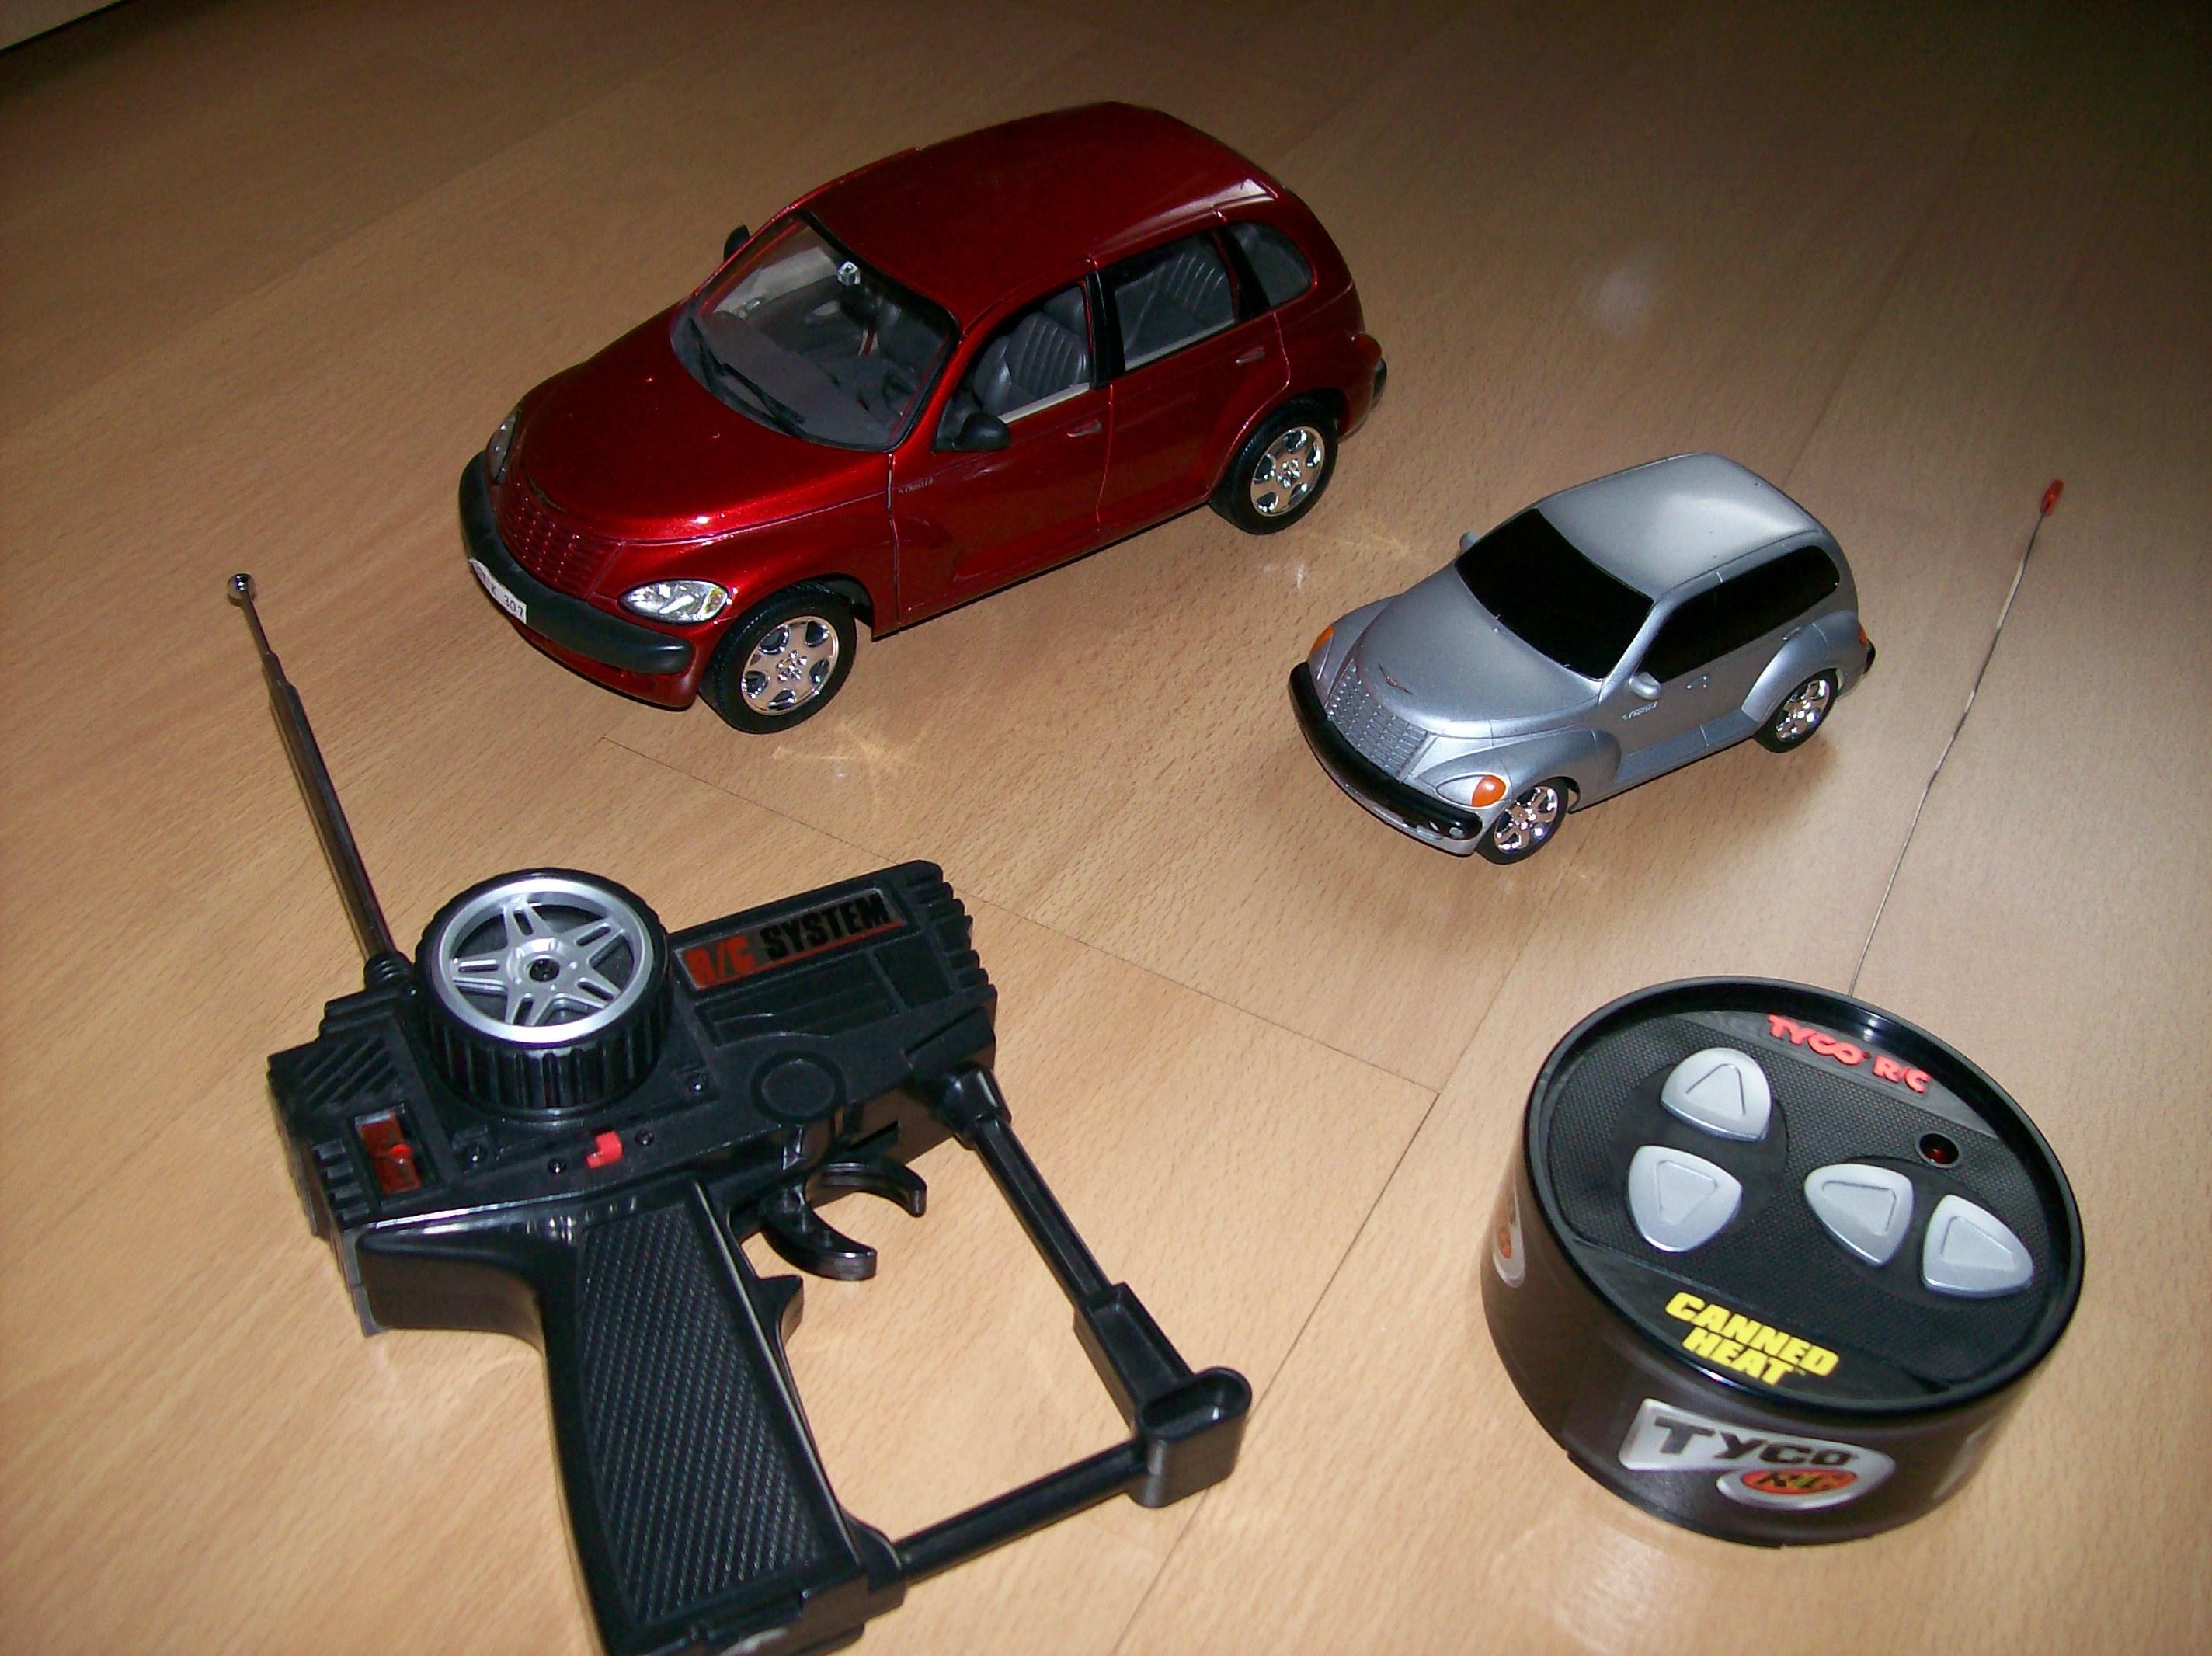 welches rc auto ist besser tamiya oder hpi